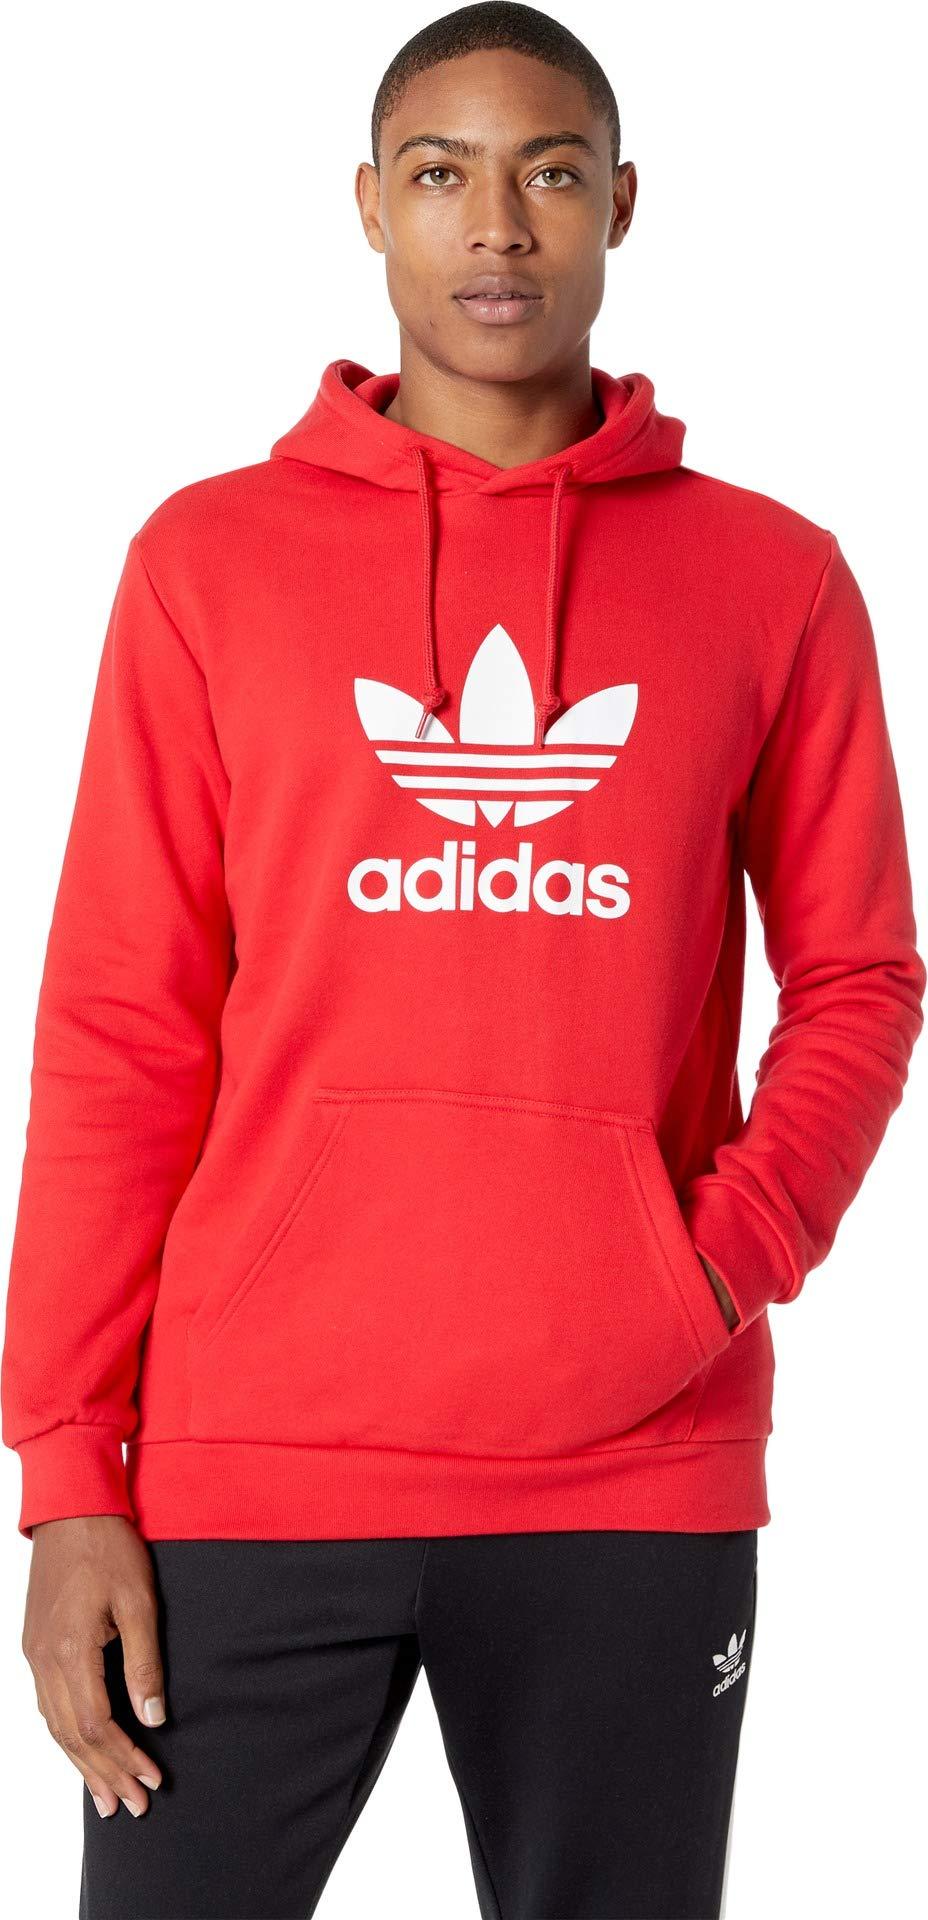 adidas Originals Men's Trefoil Hoodie Collegiate Red X-Small